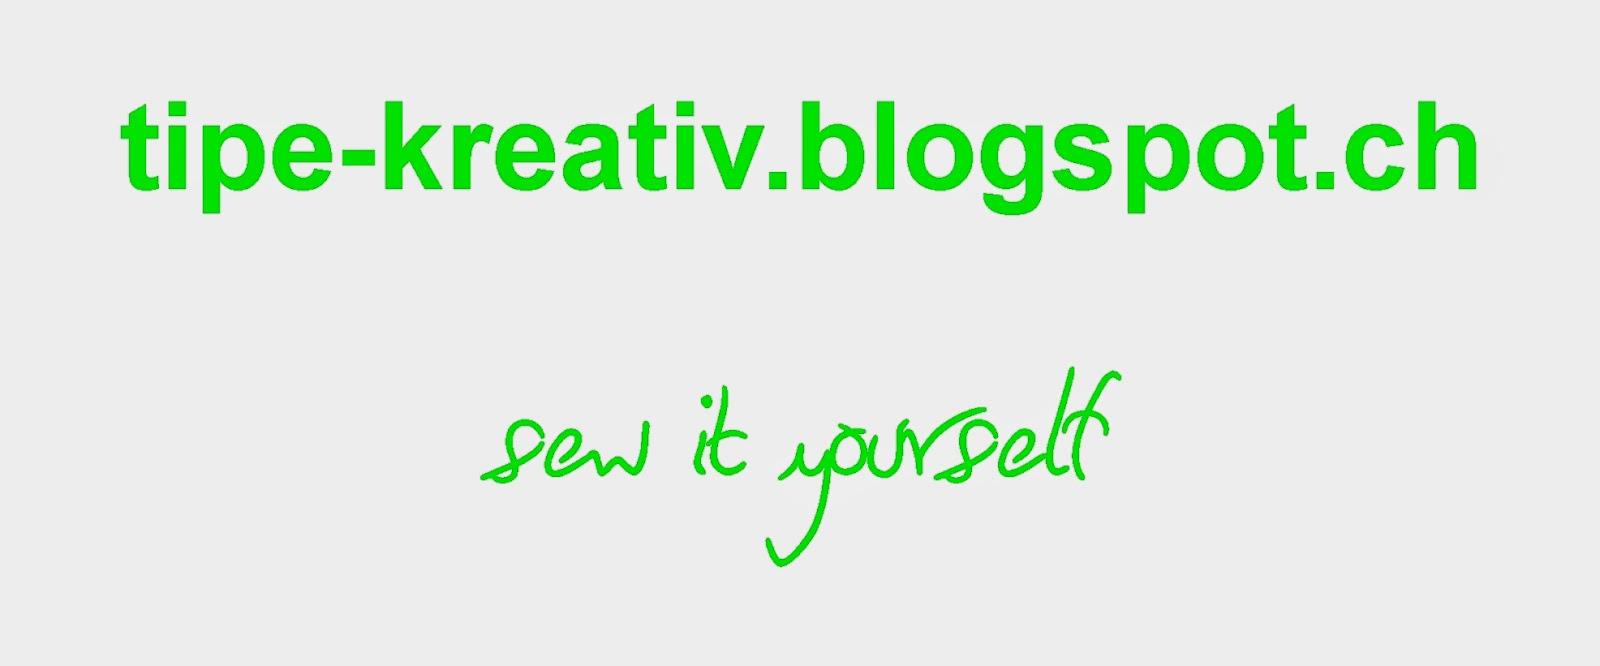 http://tipe-kreativ.blogspot.ch/